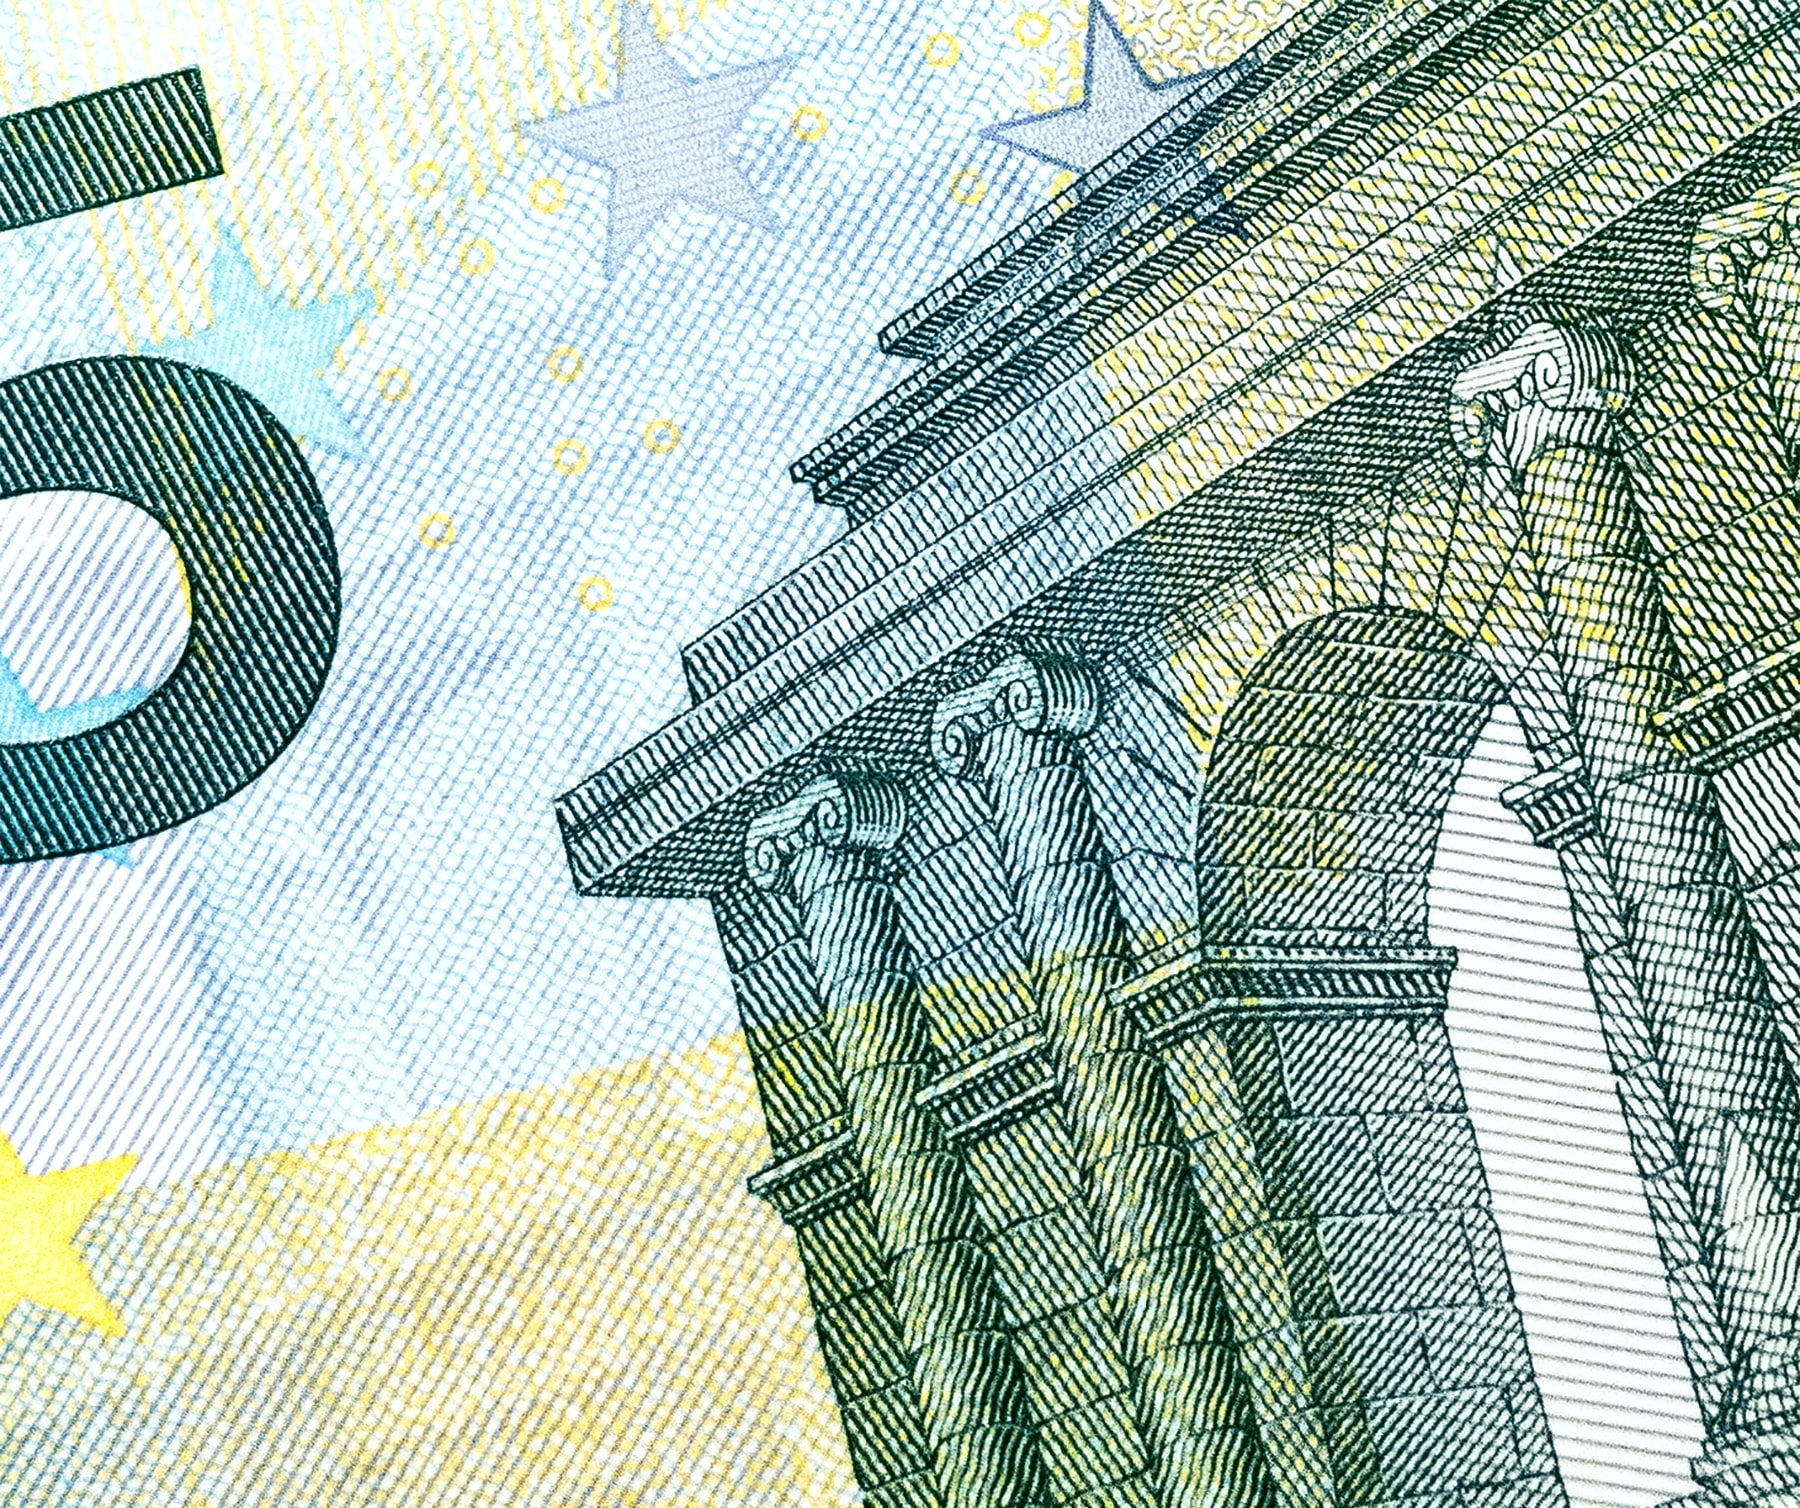 Euro Schein fünfer